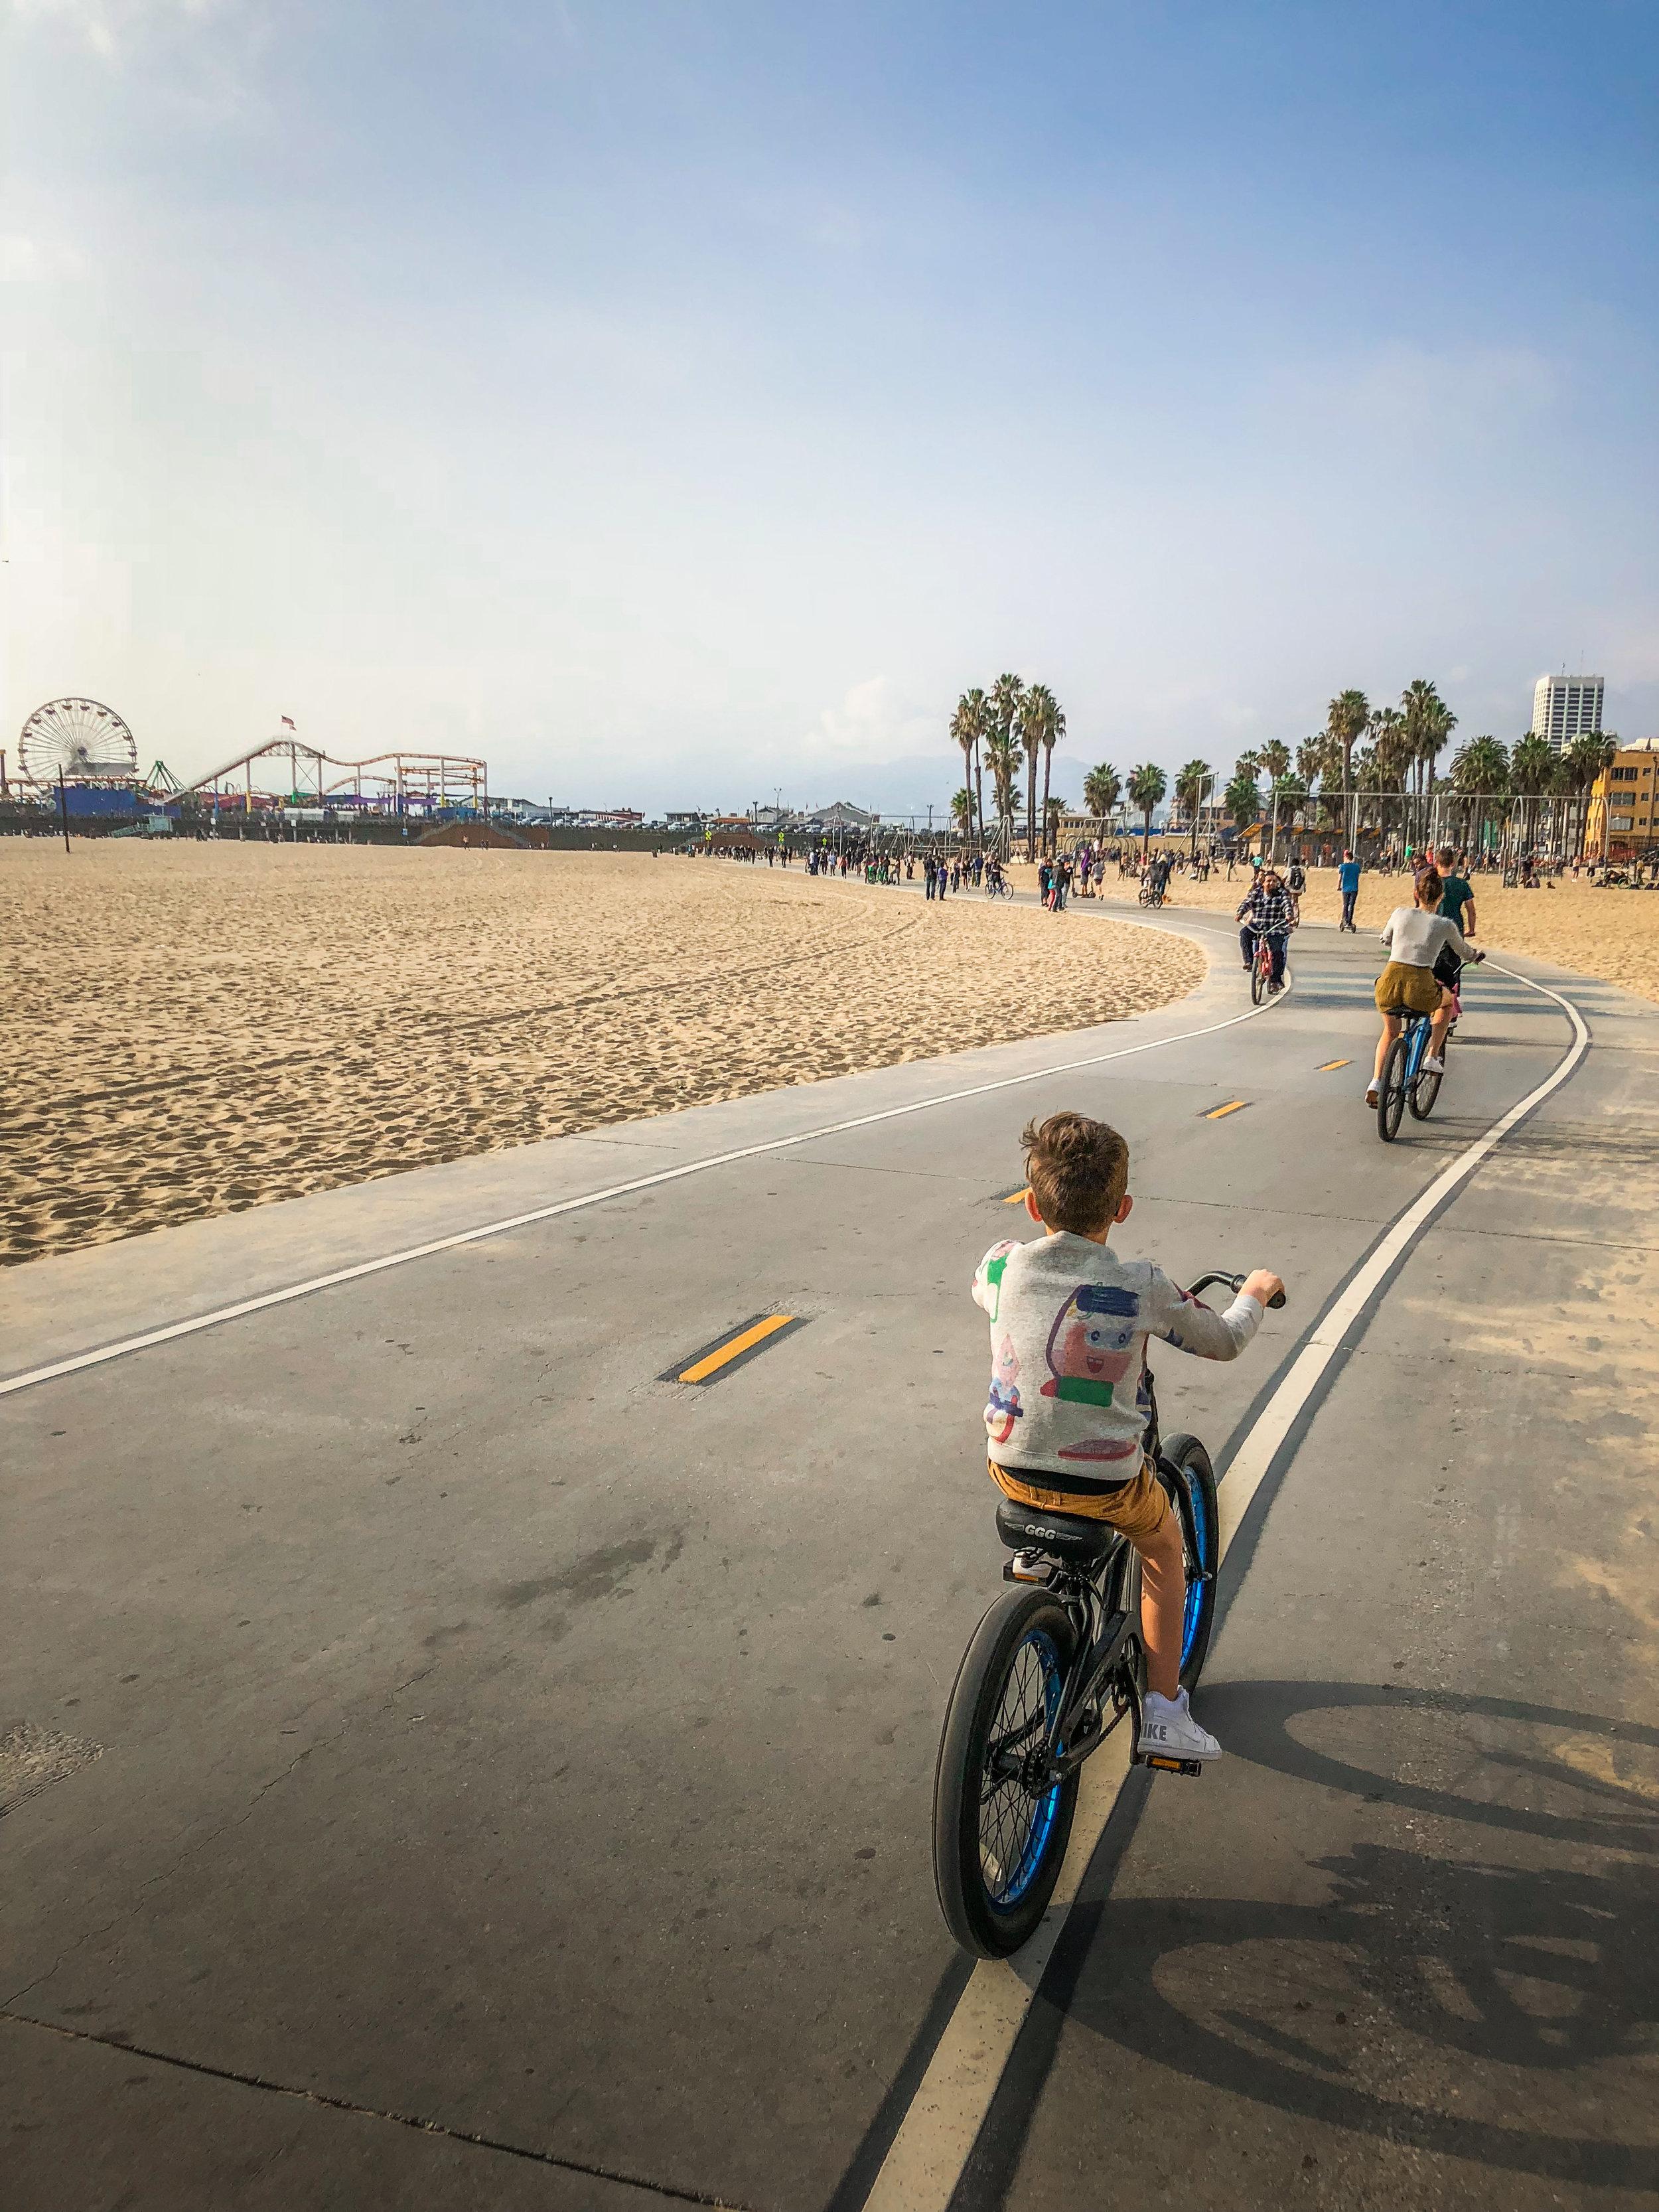 Santa monica Bike ride Venice beach